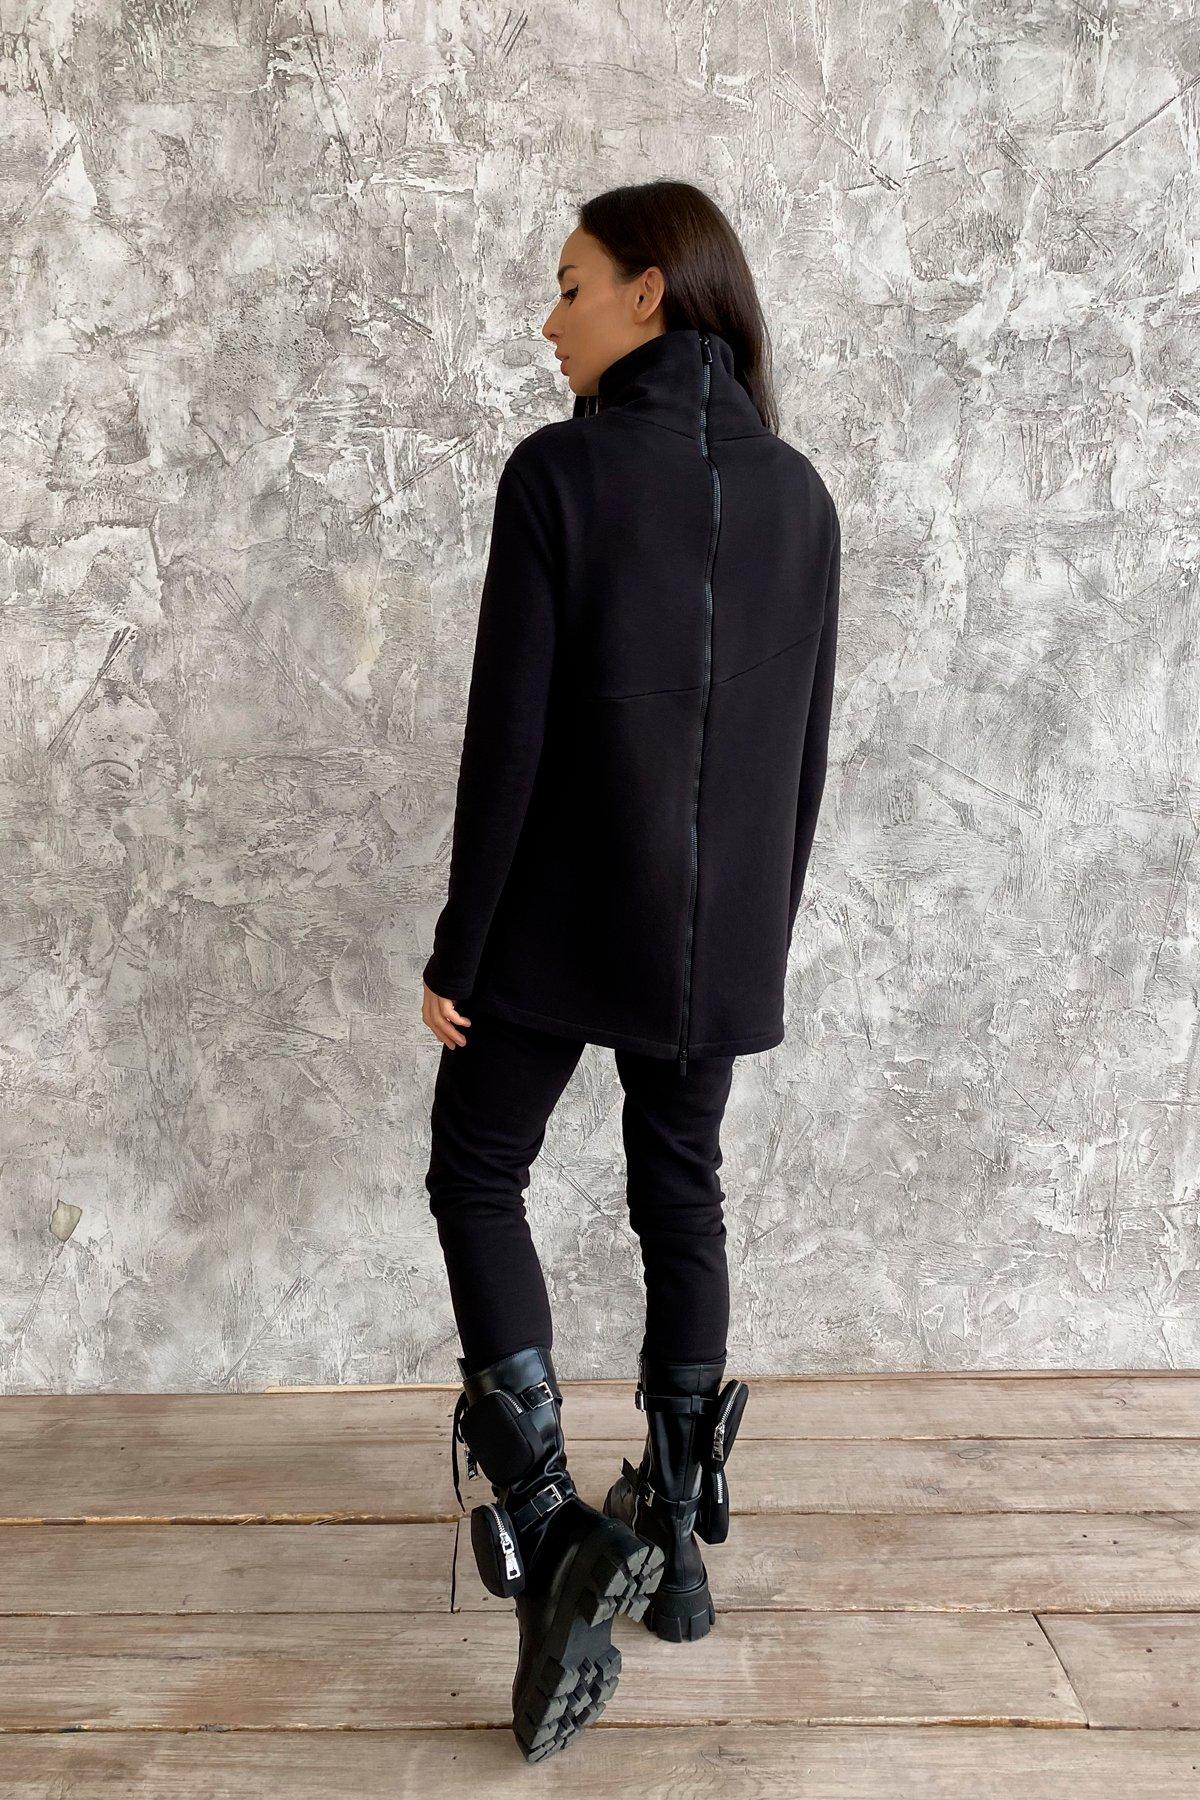 Деко трикотаж 3х нитка костюм 10005 АРТ. 46303 Цвет: Черный - фото 3, интернет магазин tm-modus.ru